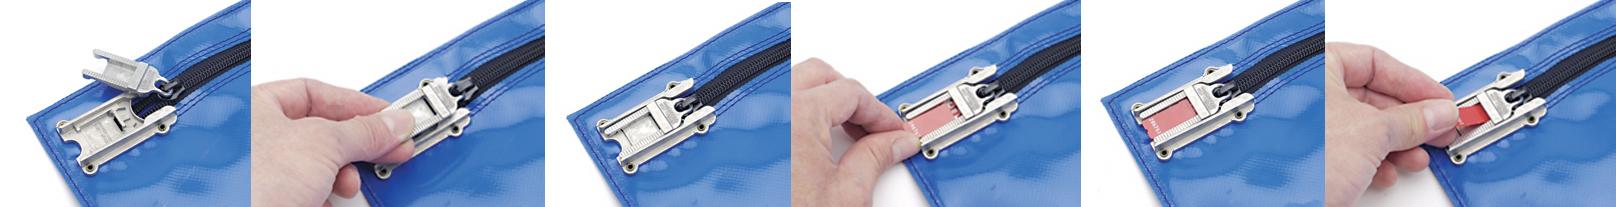 blue flat bag